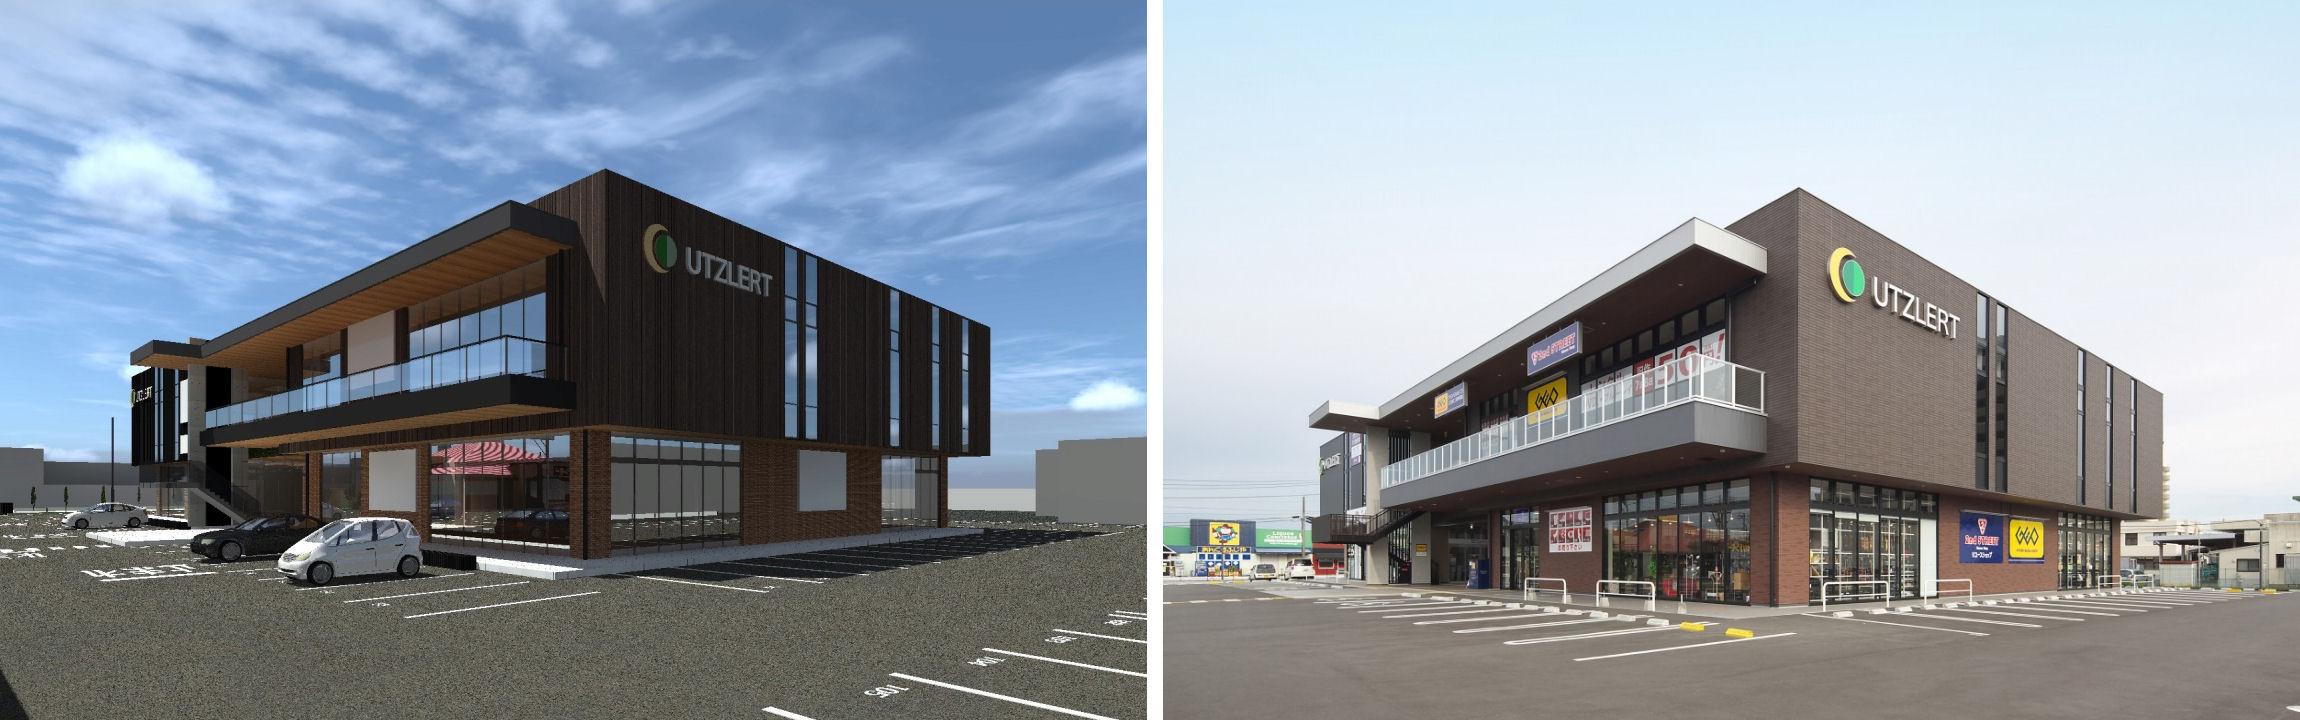 商業施設の完成予想パース(左)と完成写真(右)